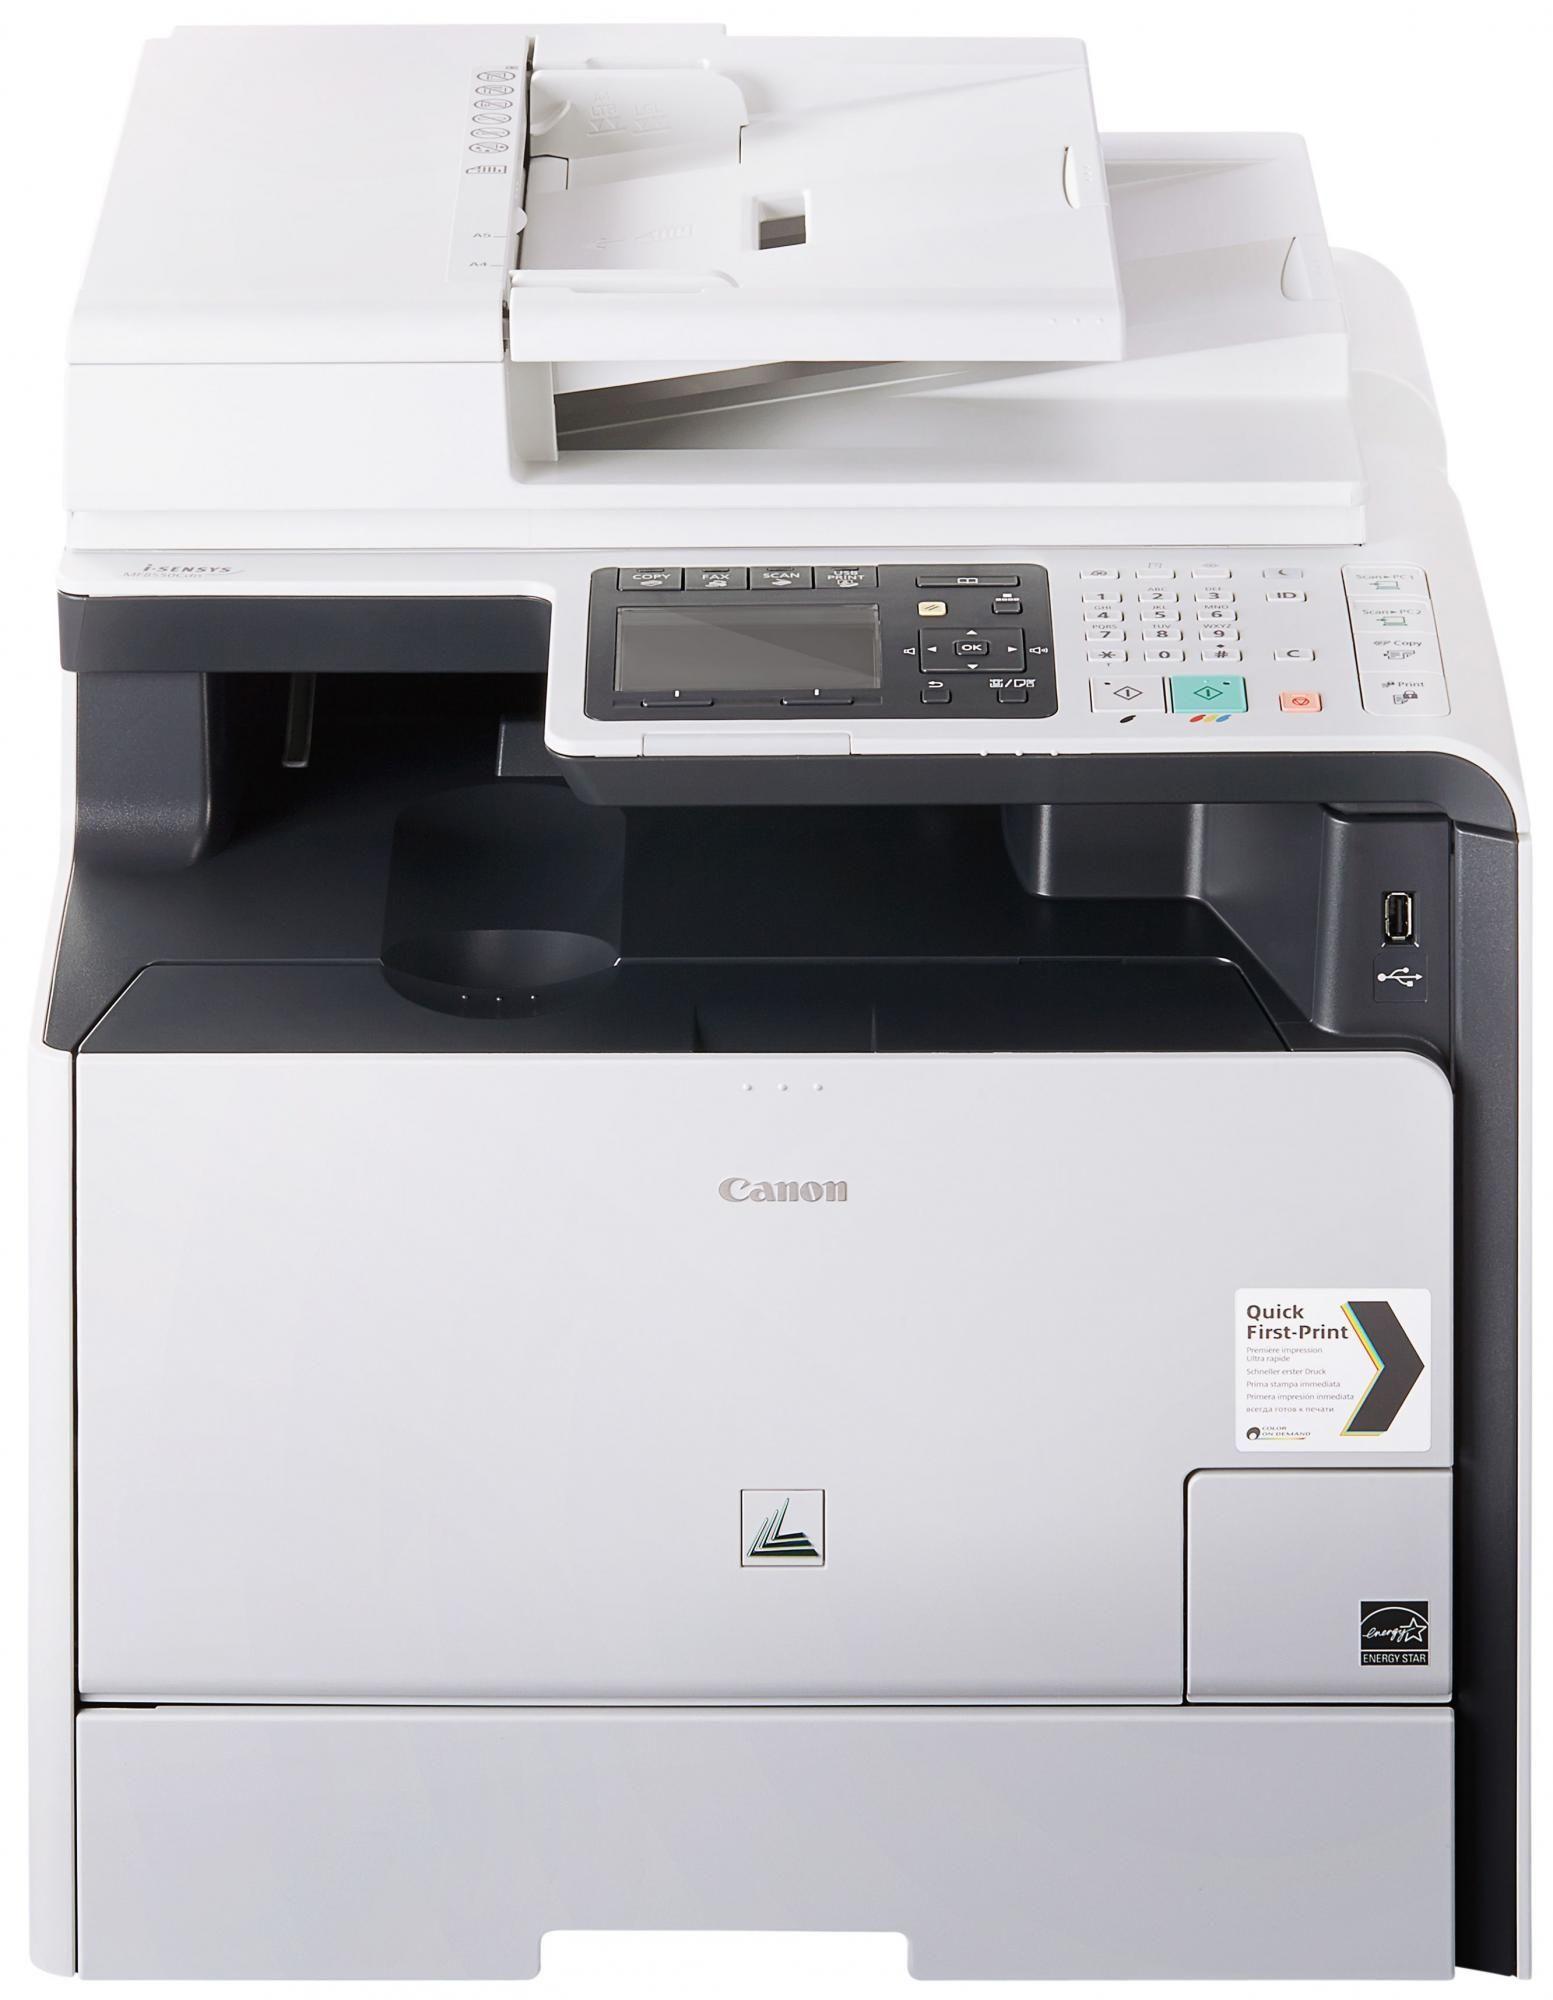 CANON i-SENSYS MF8550Cdn (6849B015AA)